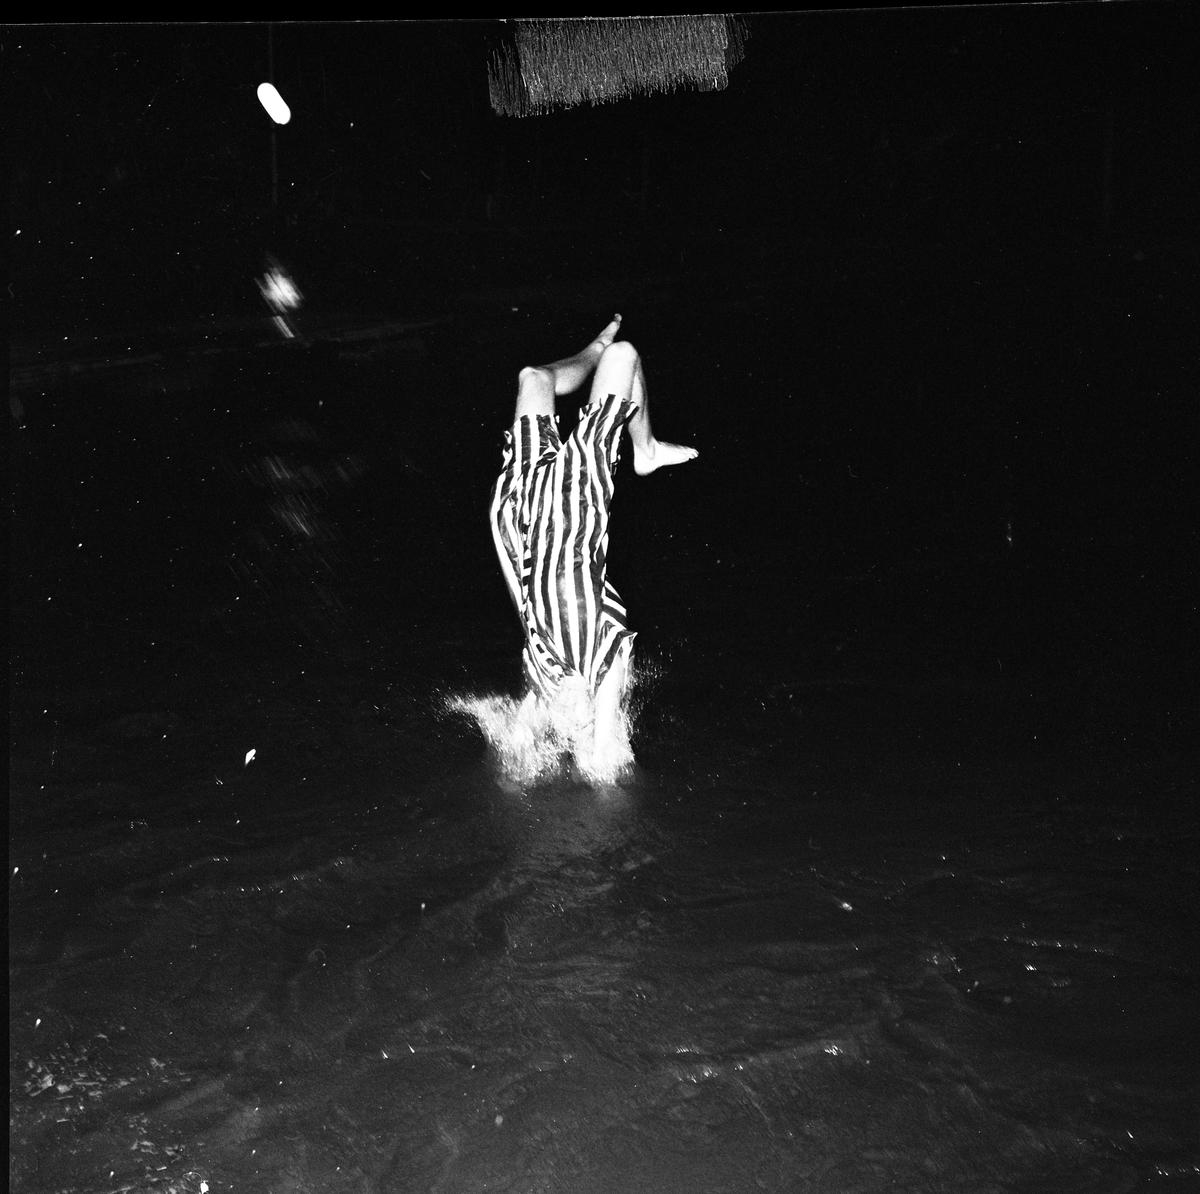 Arboga Simsällskap arrangerar Eldfest vid Villagatsbadet. En man, i randig baddräkt, dyker i vattnet.